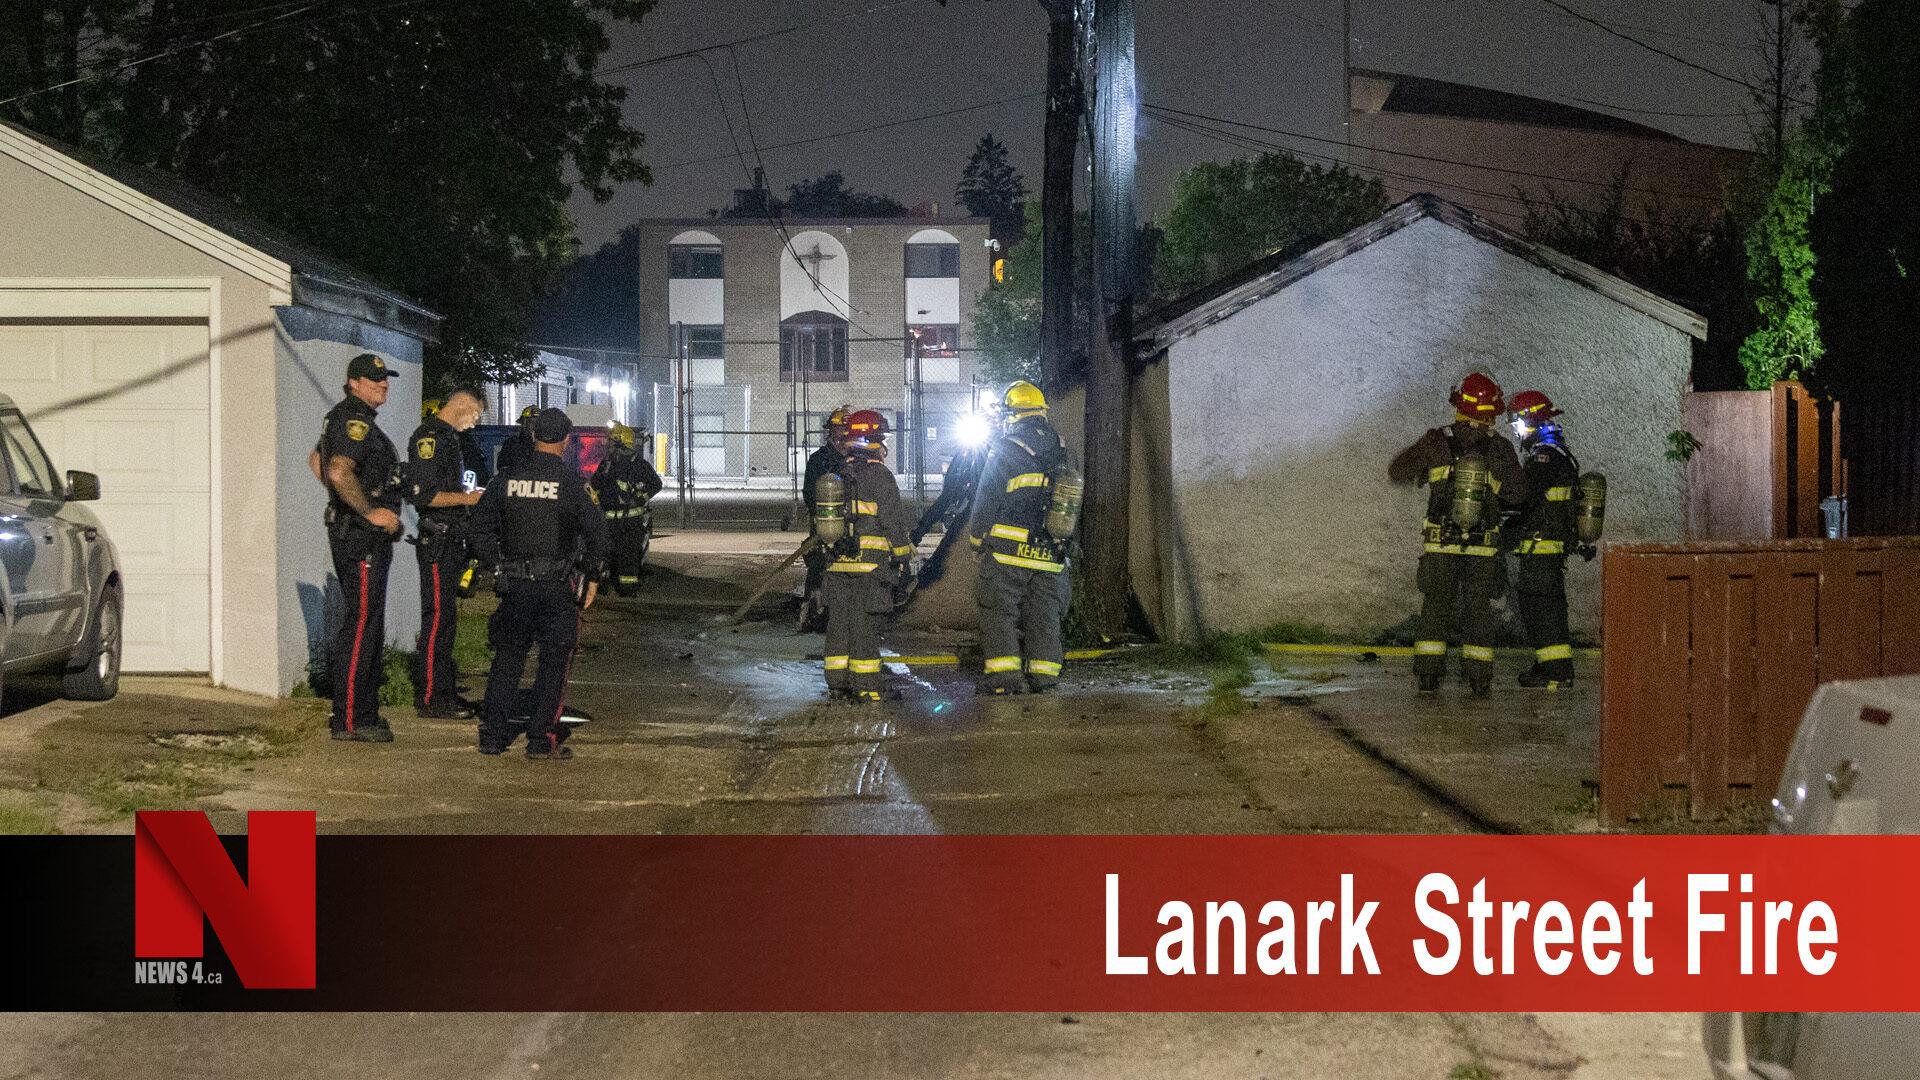 Lanark Street Fire